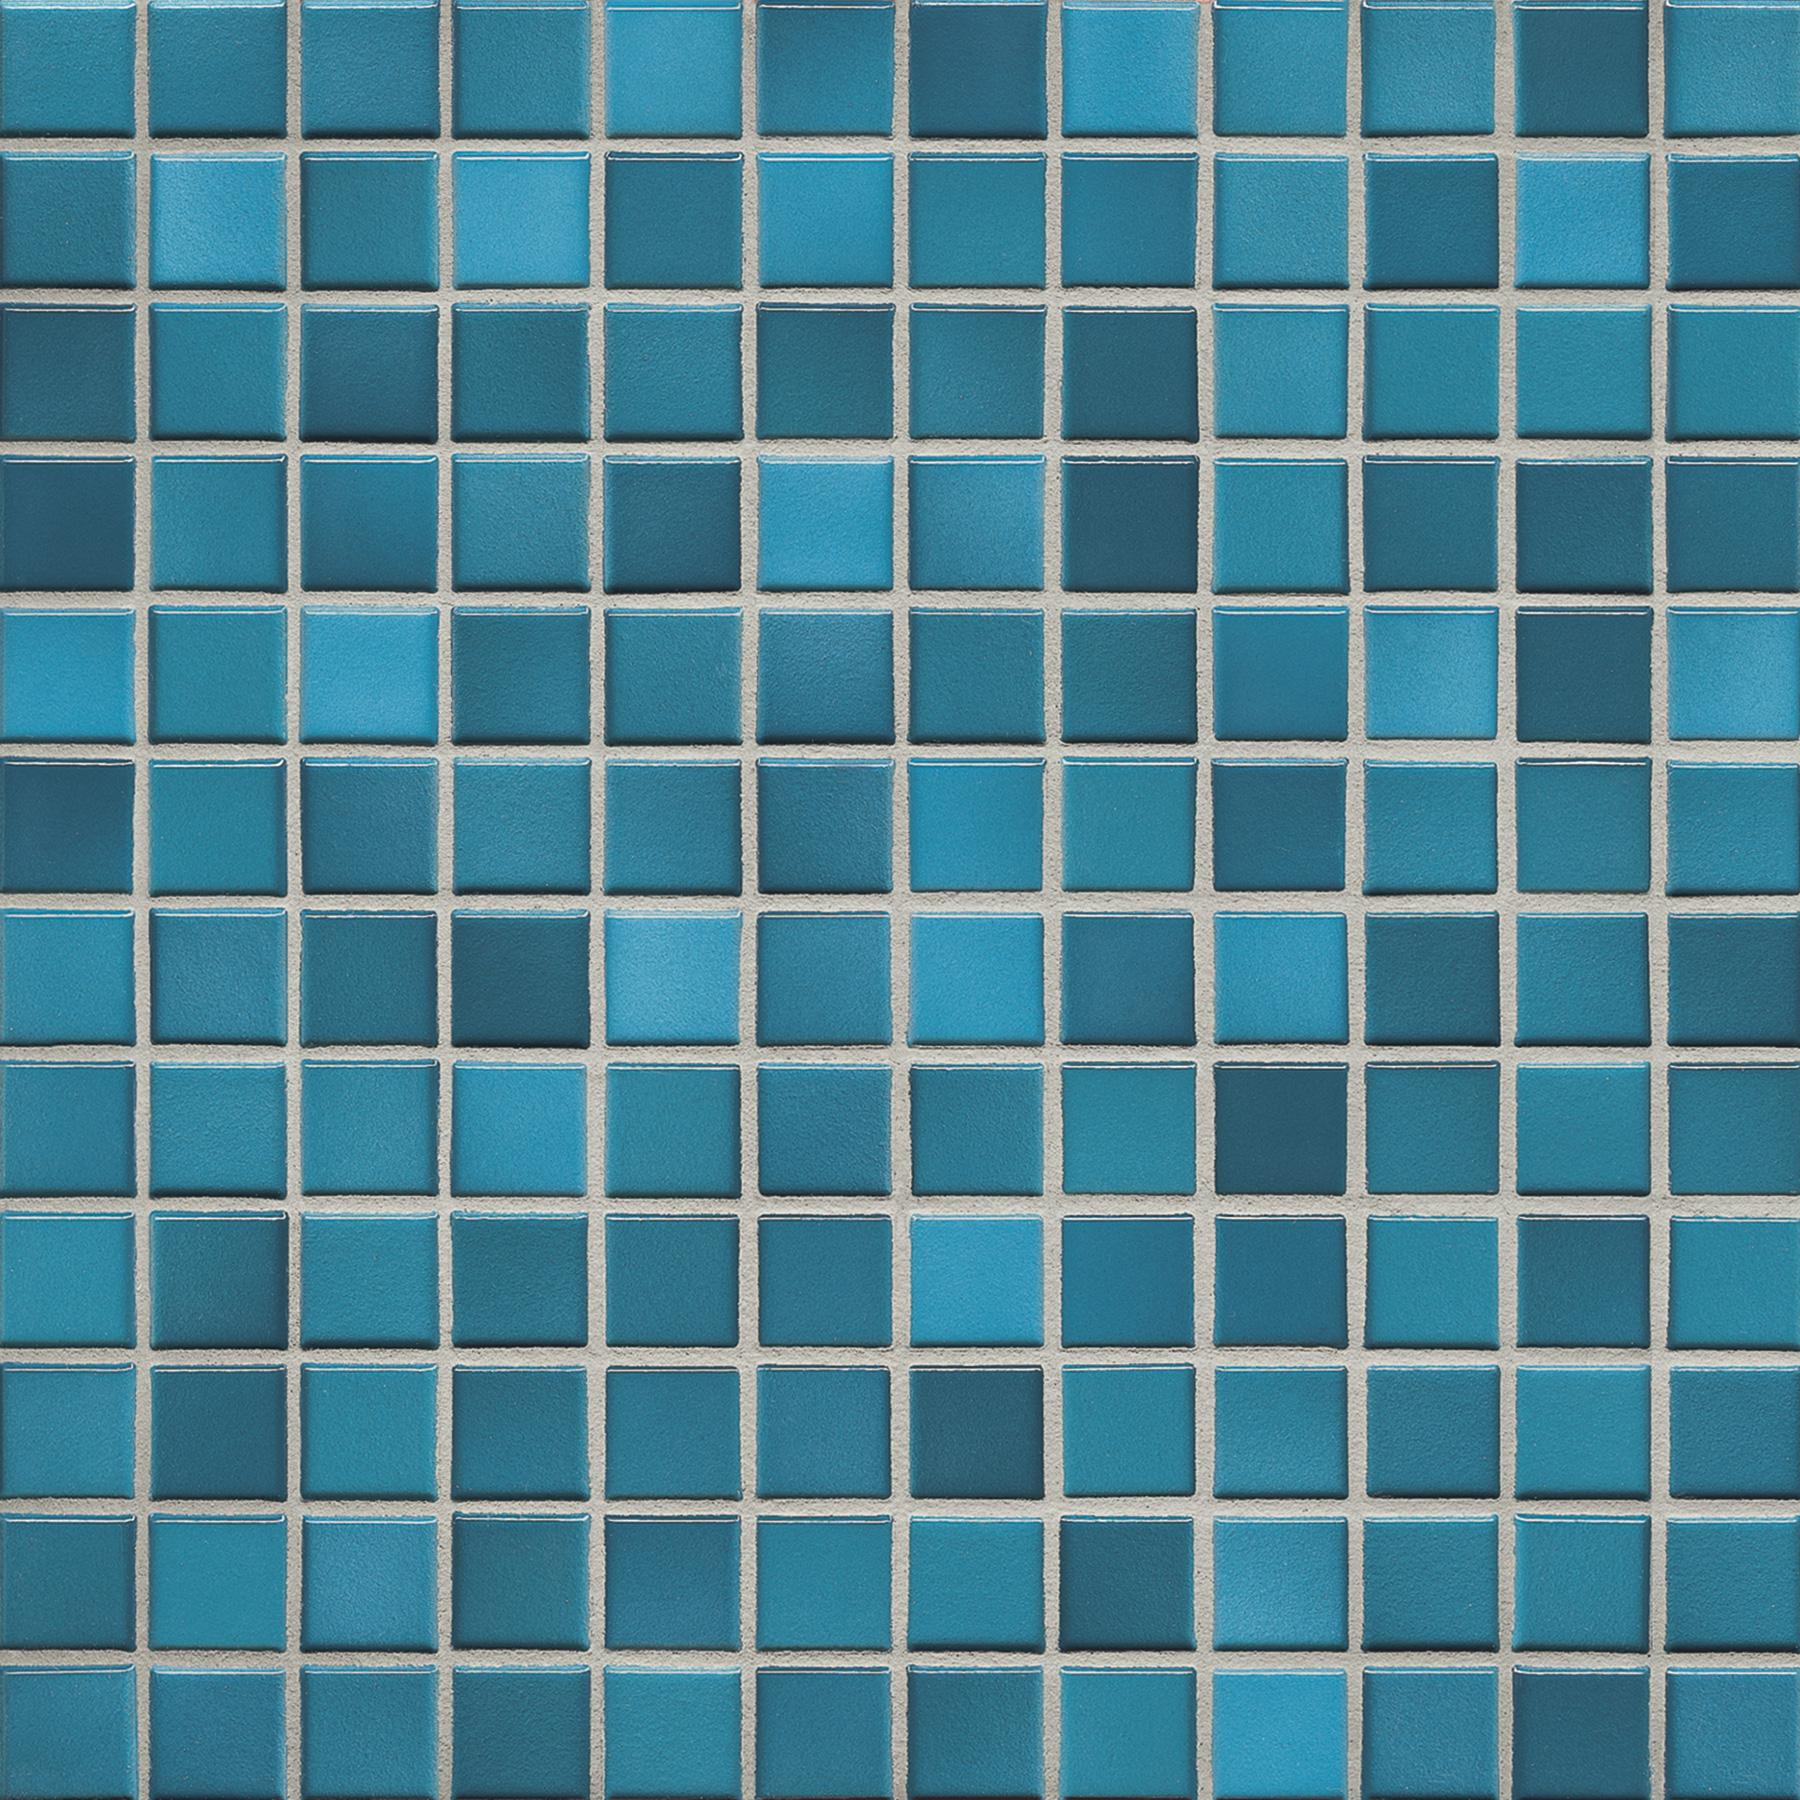 Jasba FRESH pacific blue mix glossy 24x24x6,5 mm 41208H